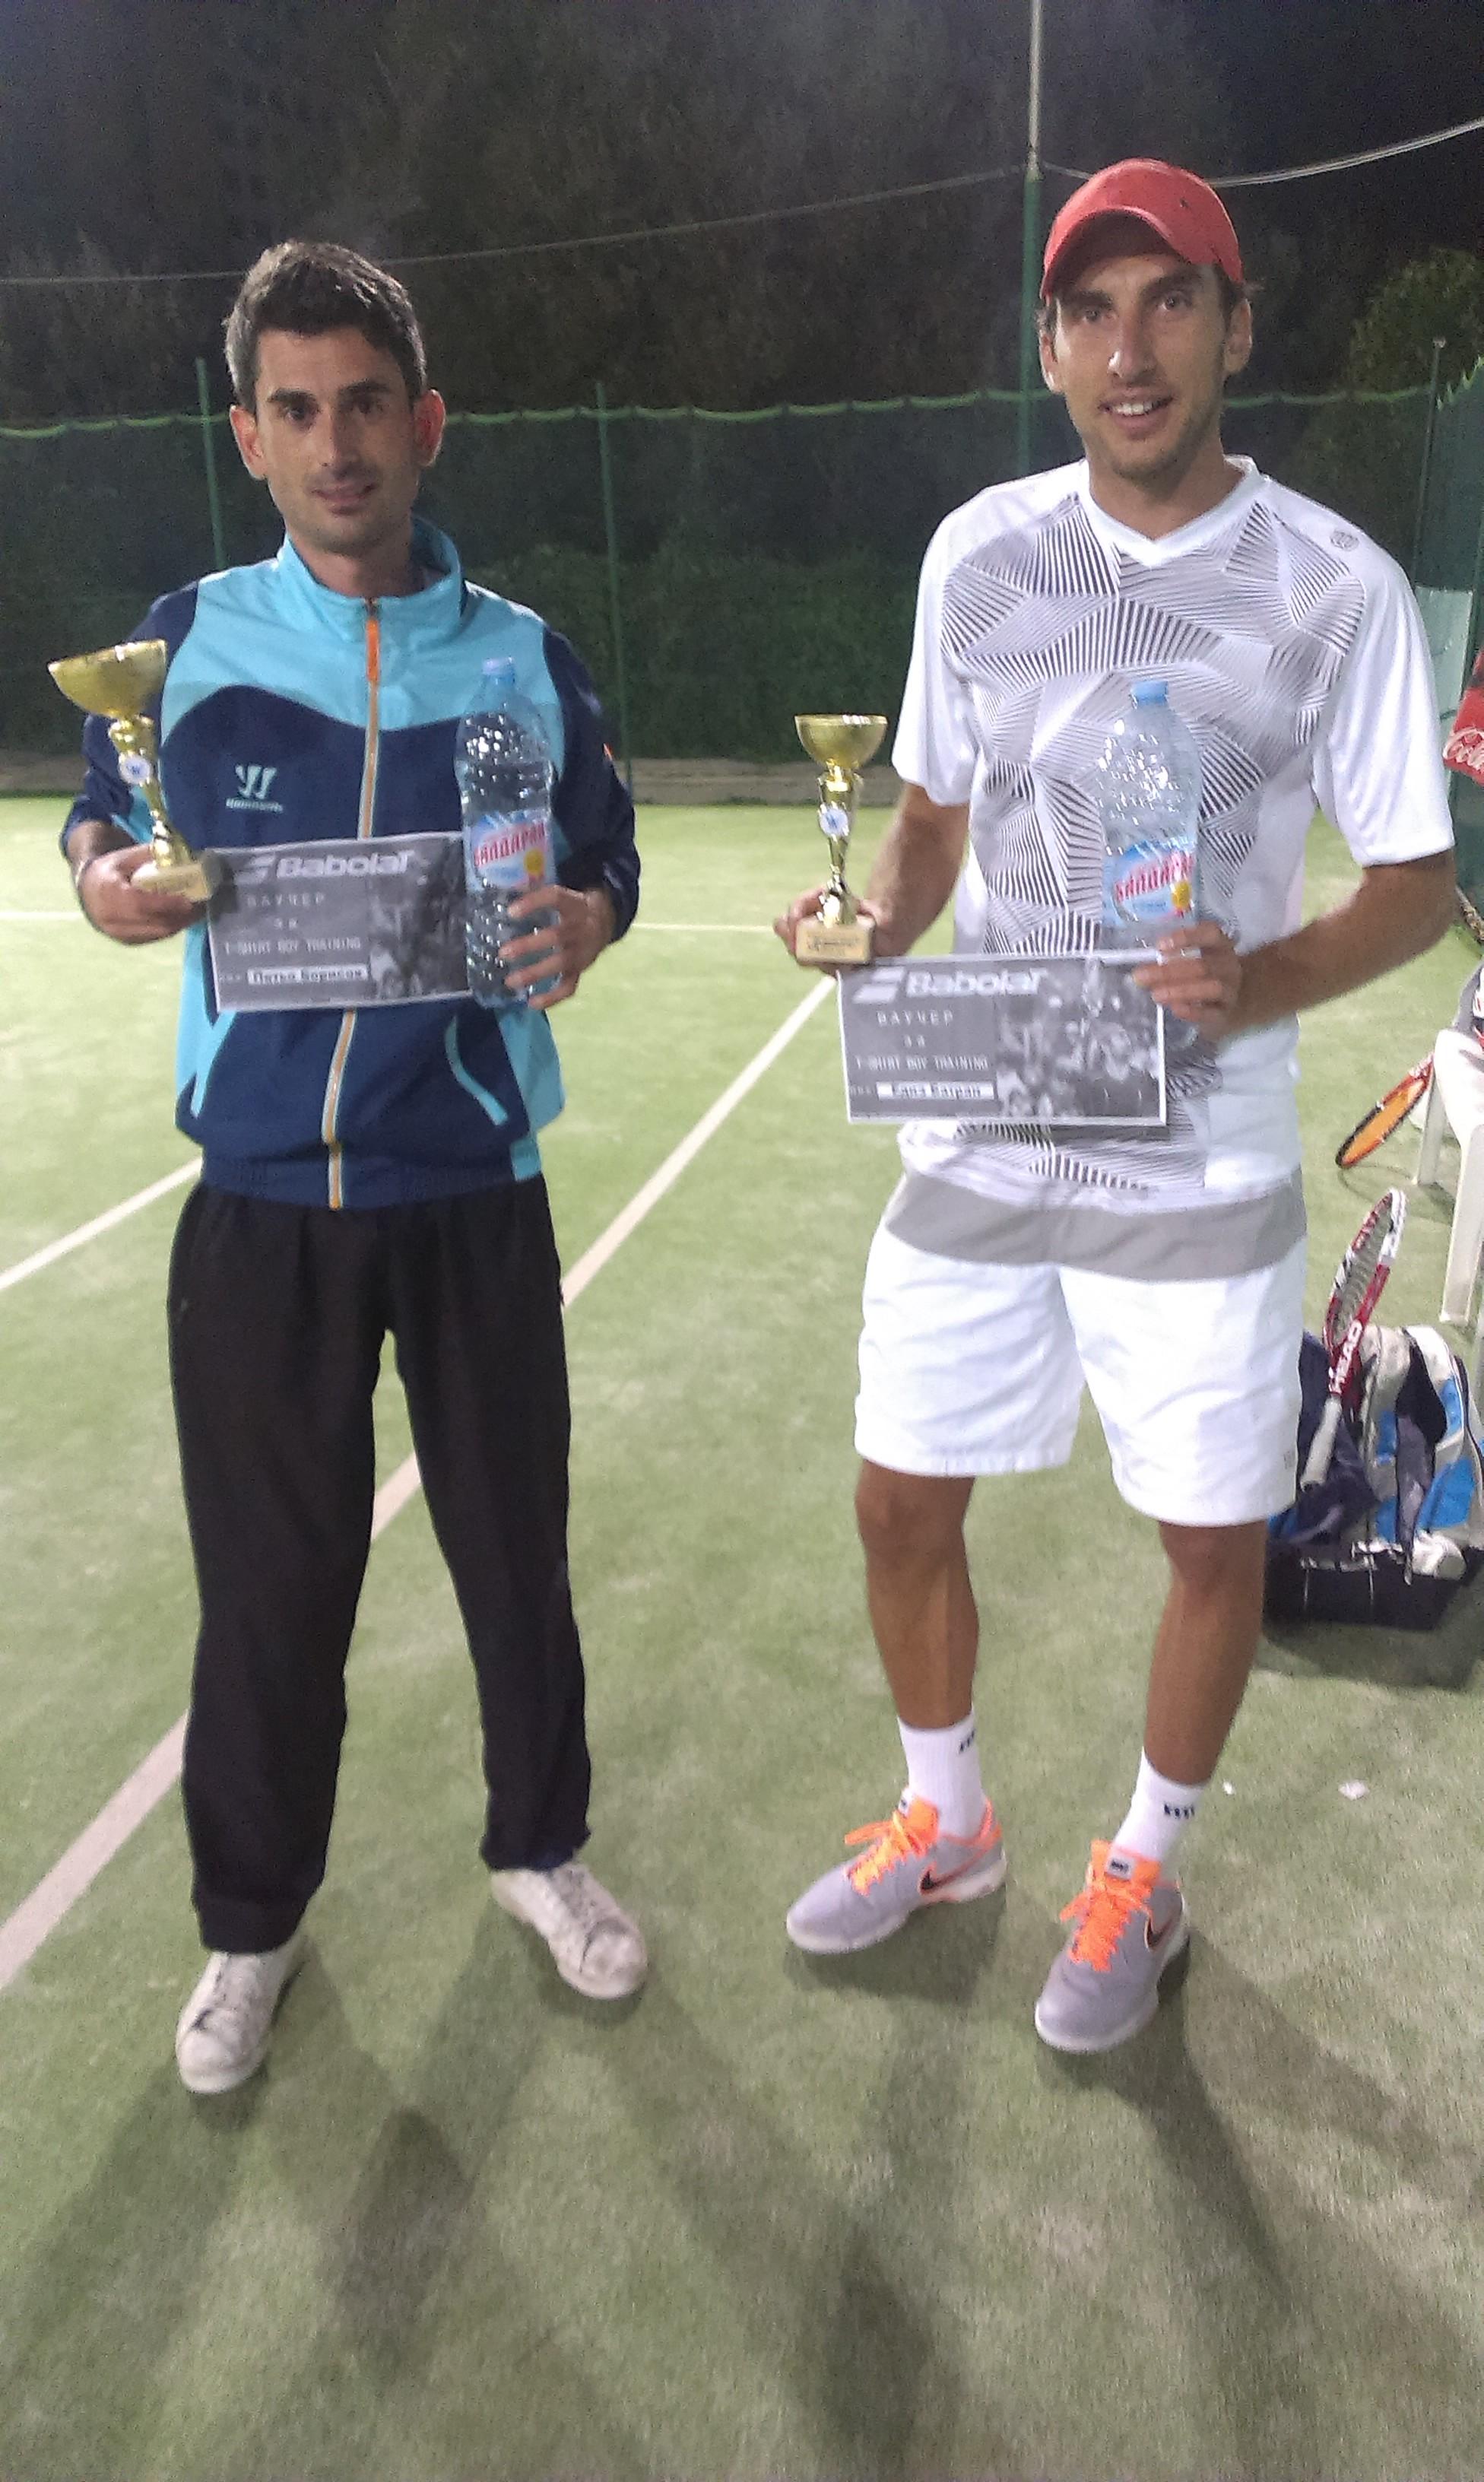 Петьо Борисов с първа титла от любителската ITL лига